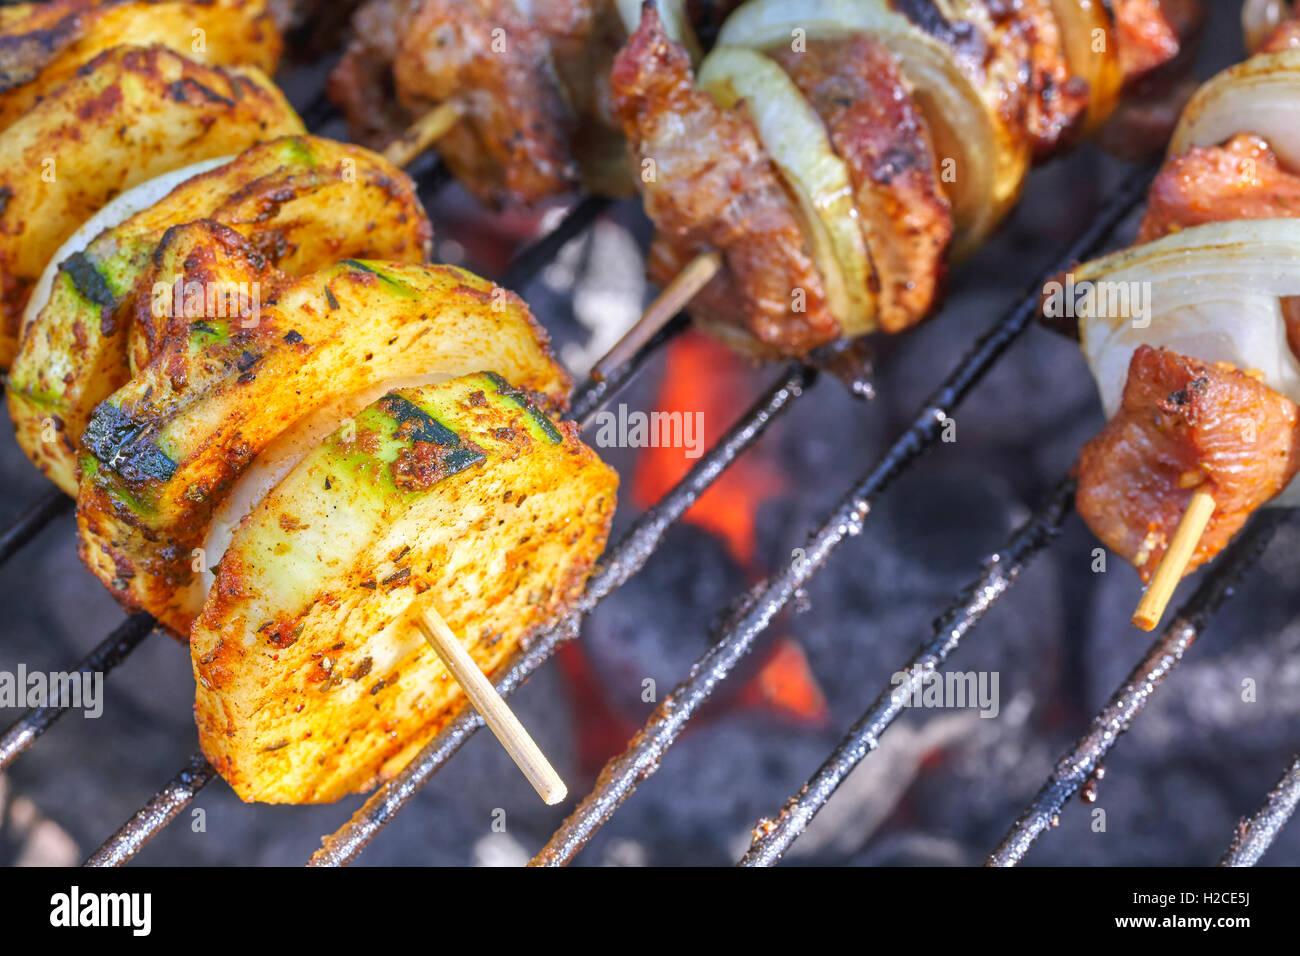 Nahaufnahme Bild von Zucchini und Fleischspieße, Gartengrill, selektiven Fokus. Stockbild